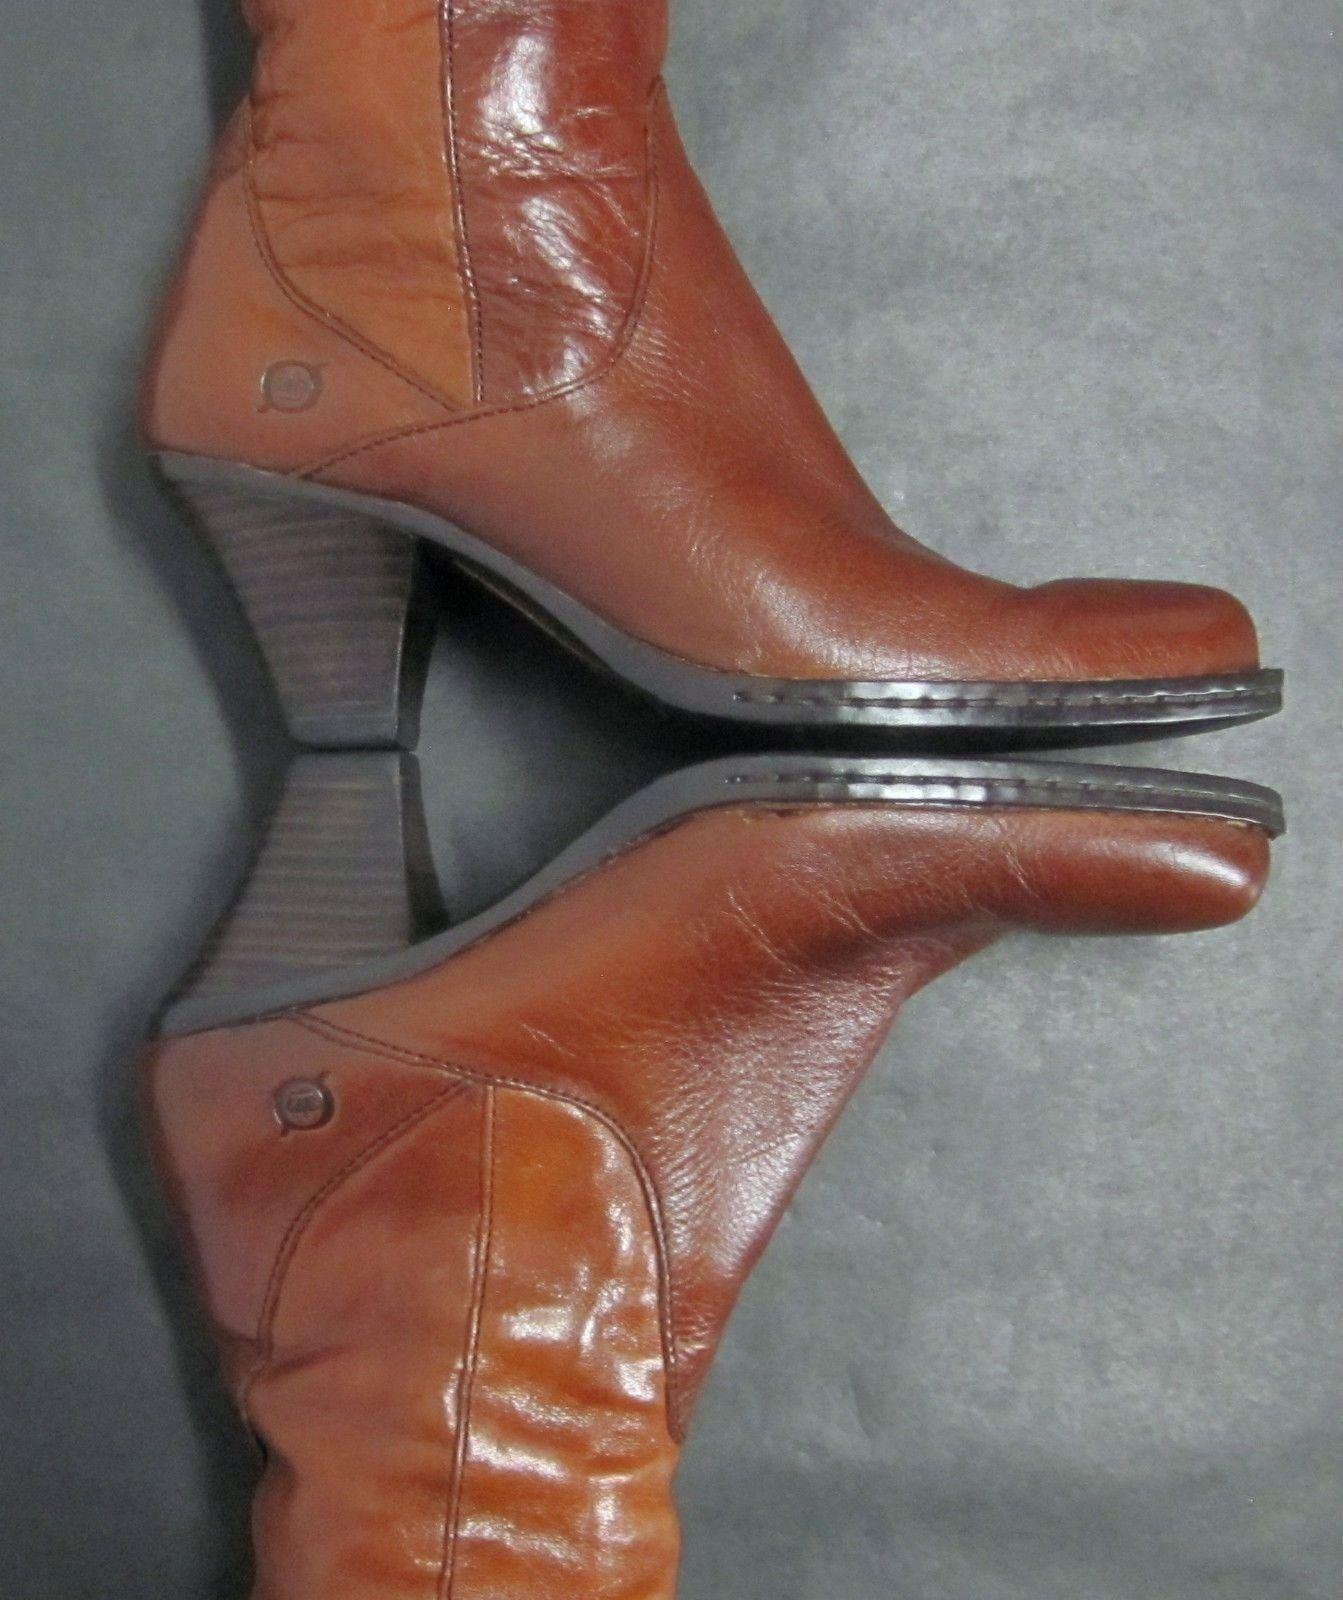 BORN W2424 Damenschuhe (7/38 M/W) TALL BROWN LEATHER KNEE HIGH TALL M/W) INSIDE ZIP Stiefel VGUC db759b